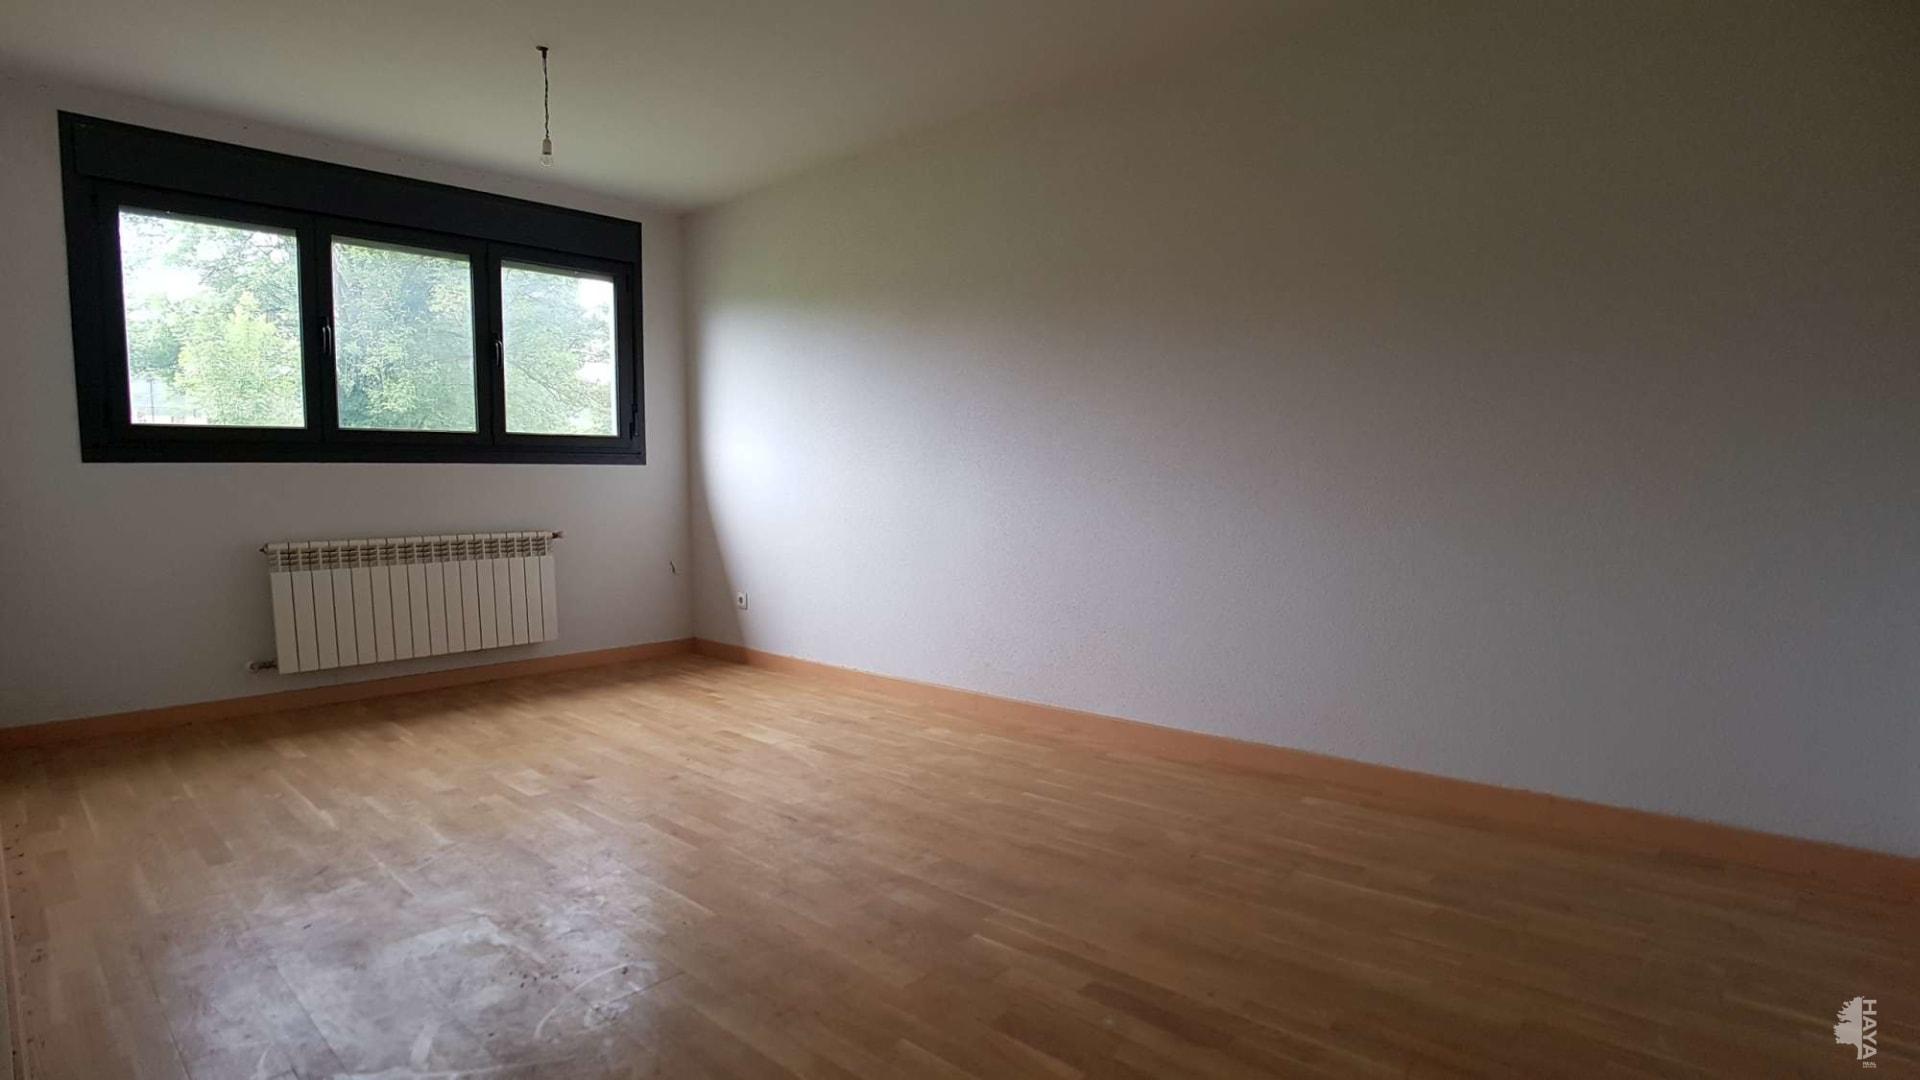 Piso en venta en Siero, Asturias, Calle Partida Plan Especial Siero-este 13/vpa, 87.300 €, 2 habitaciones, 1 baño, 153 m2